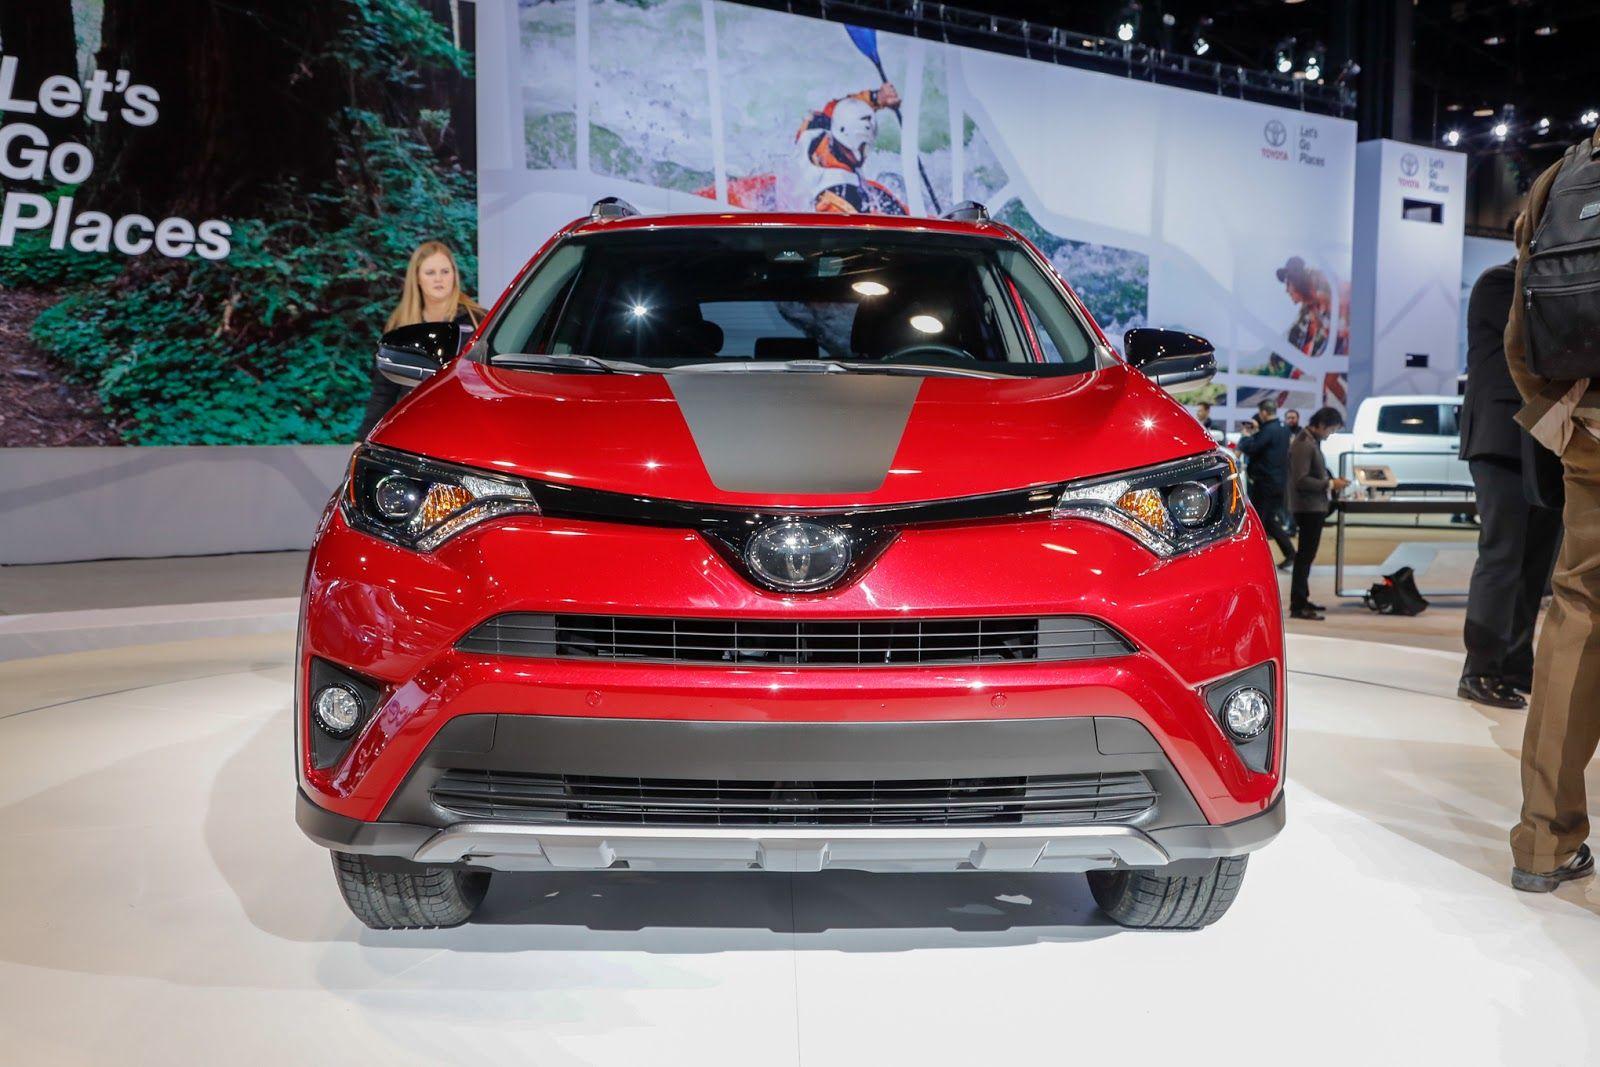 2018 Toyota RAV4 Adventure: Specs, Design, Price >> 2018 Toyota Rav4 2018 Toyota Rav4 Adventure 2018 Toyota